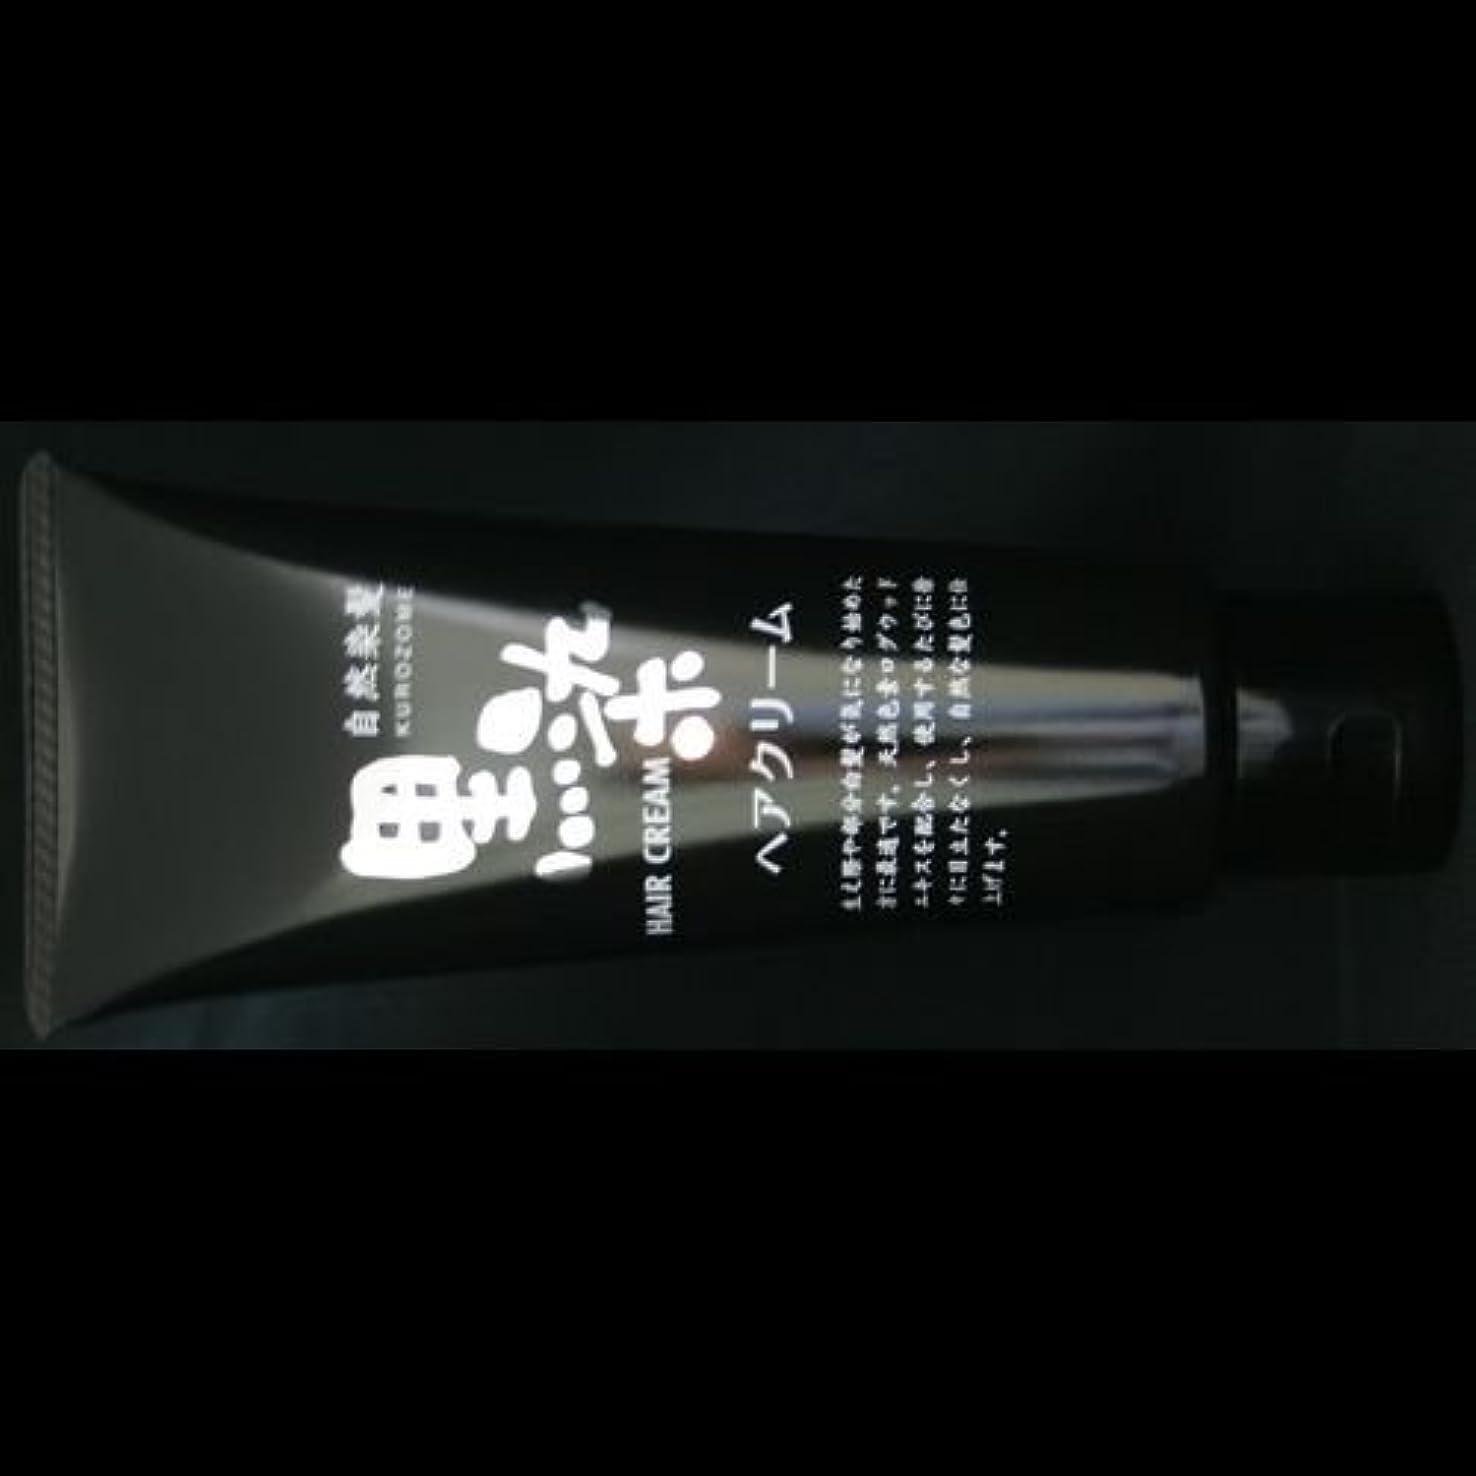 顕著プレビュー堤防【まとめ買い】黒染 ヘア クリーム 150g ×2セット